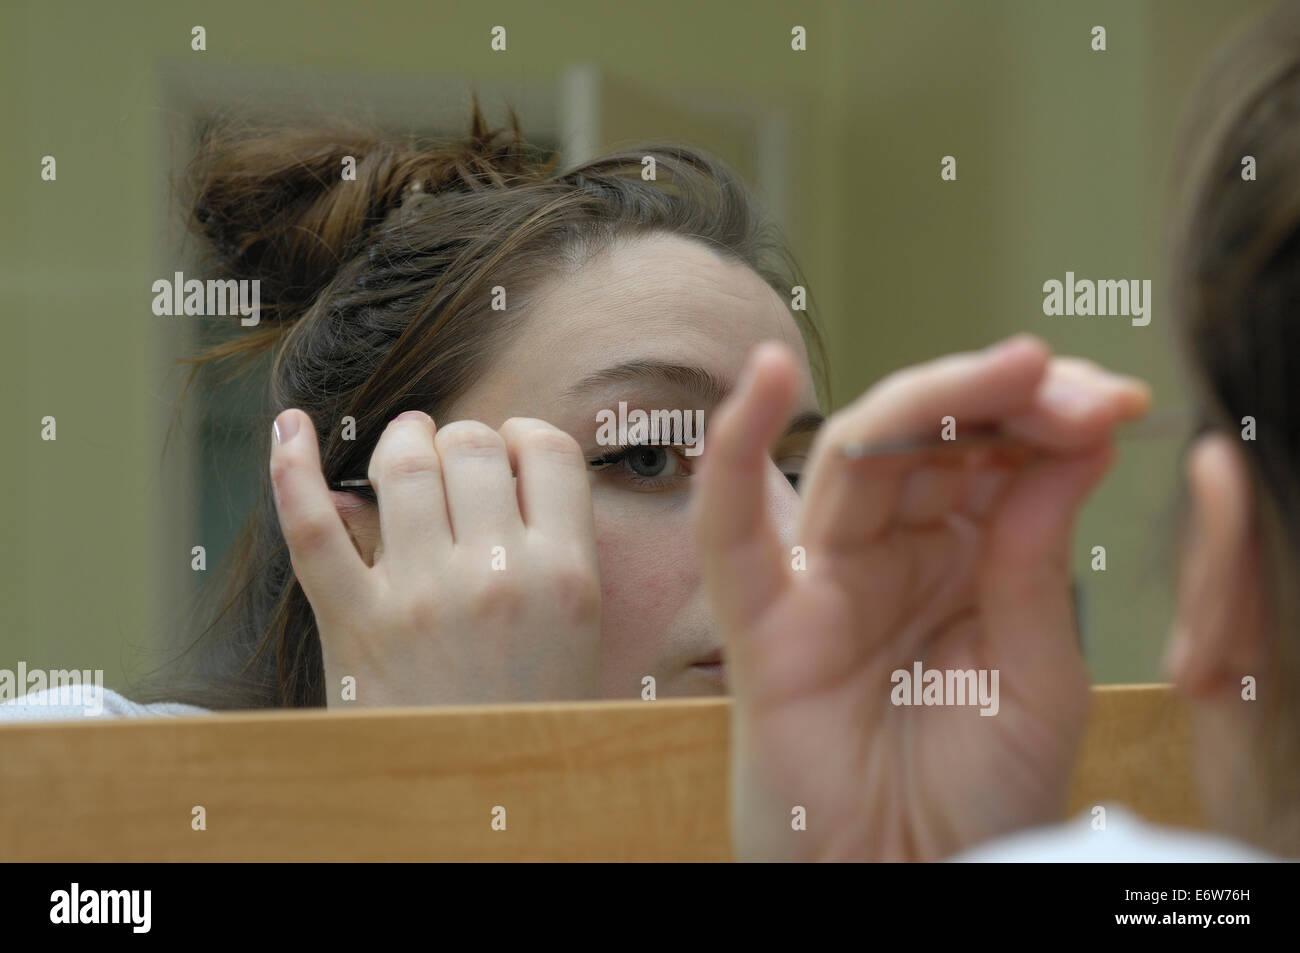 Reflexion im Spiegel der Frau Wimpern Schminken Stockbild